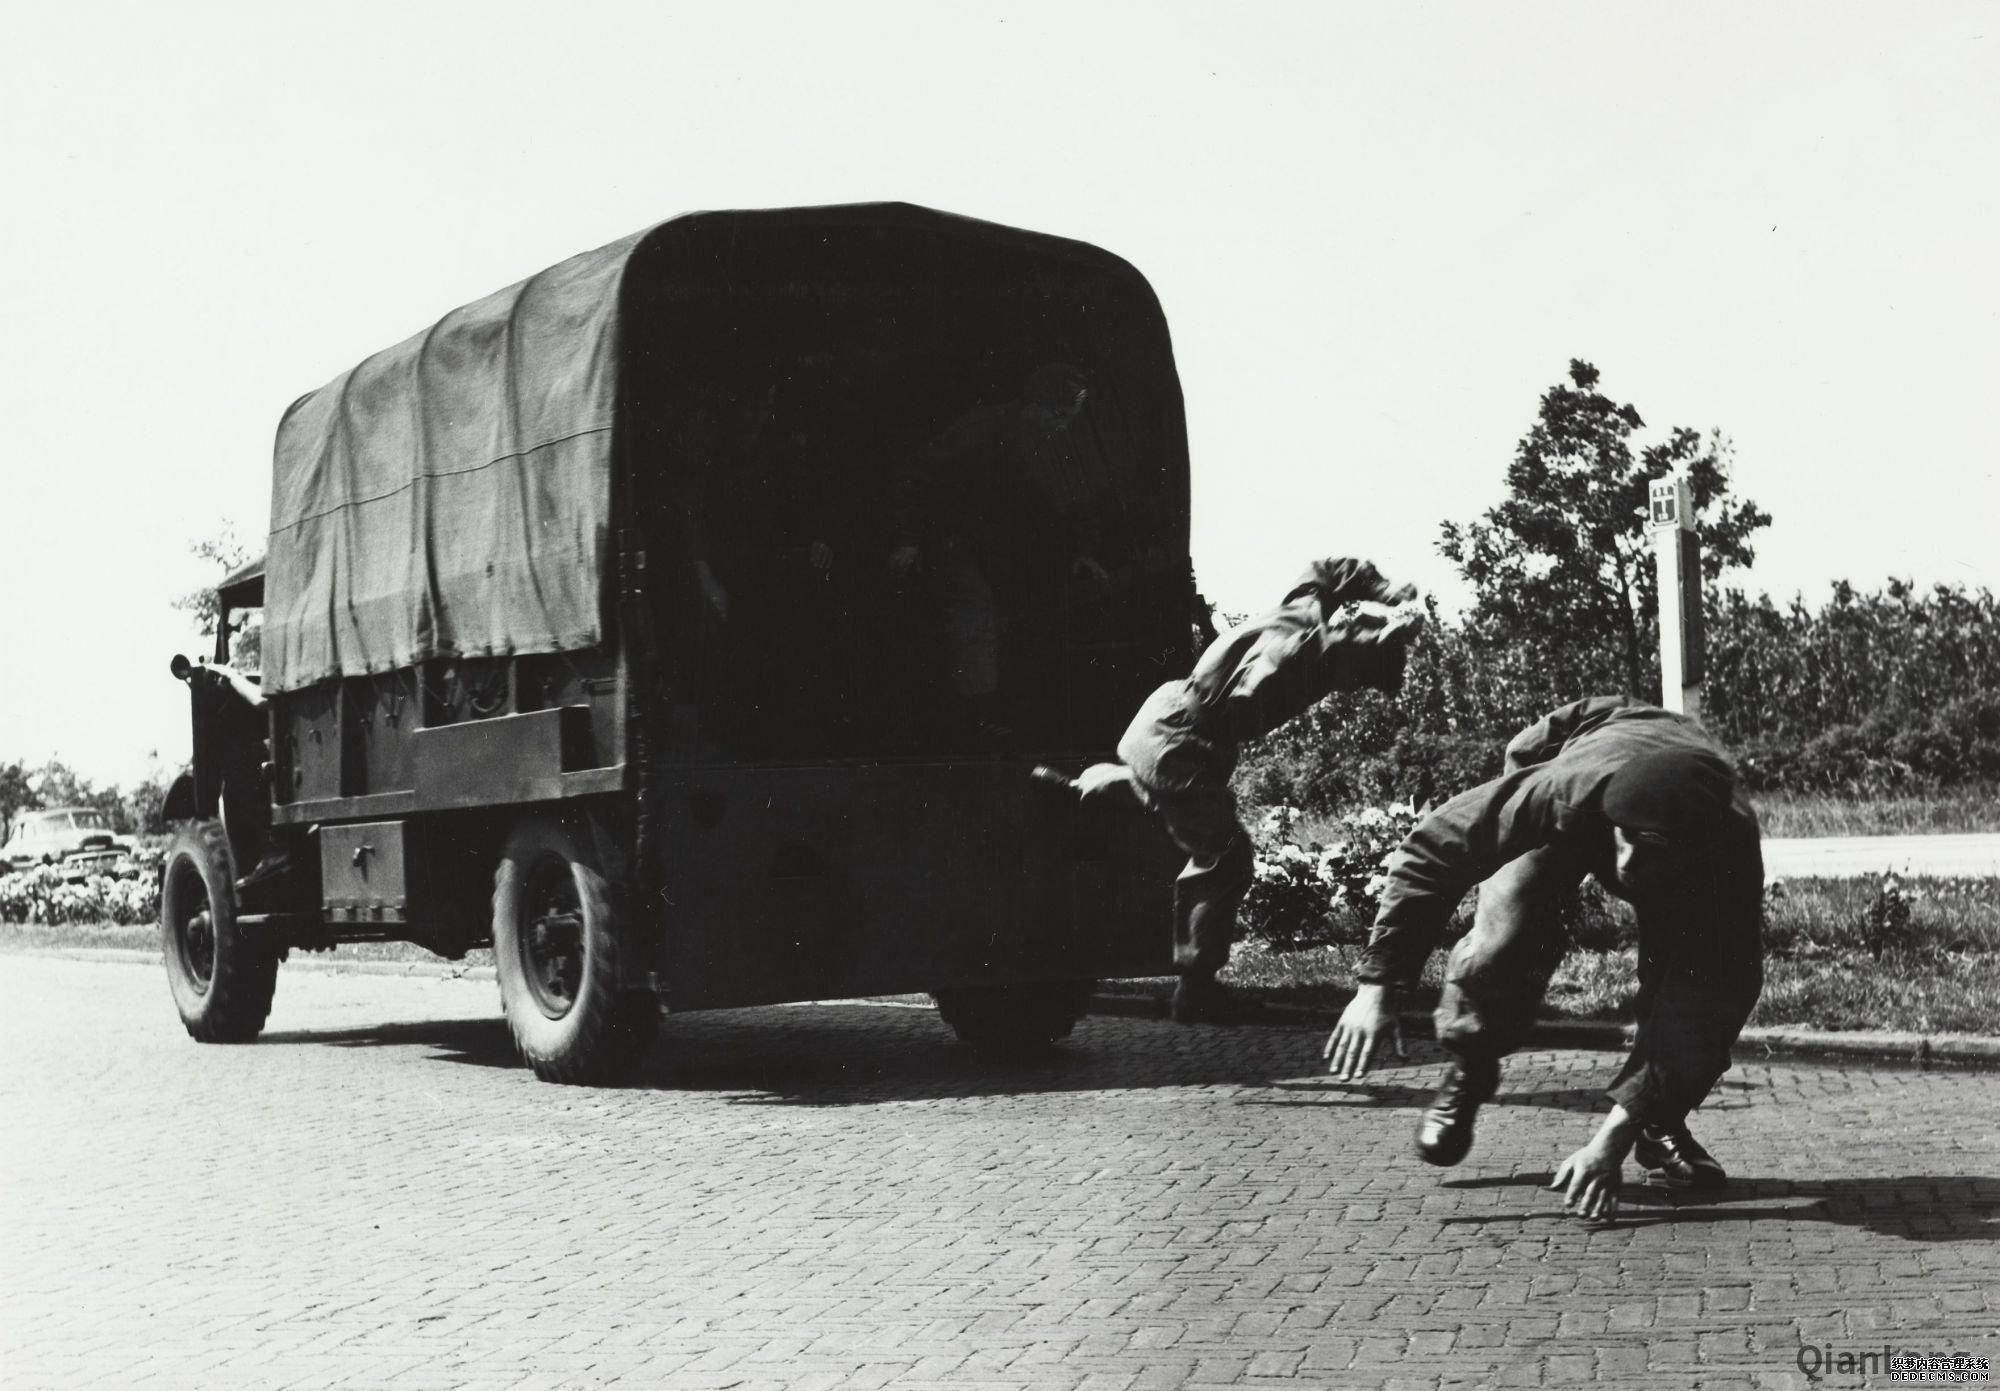 02.正在进行跳车演示的荷兰皇家陆军突击队队员。